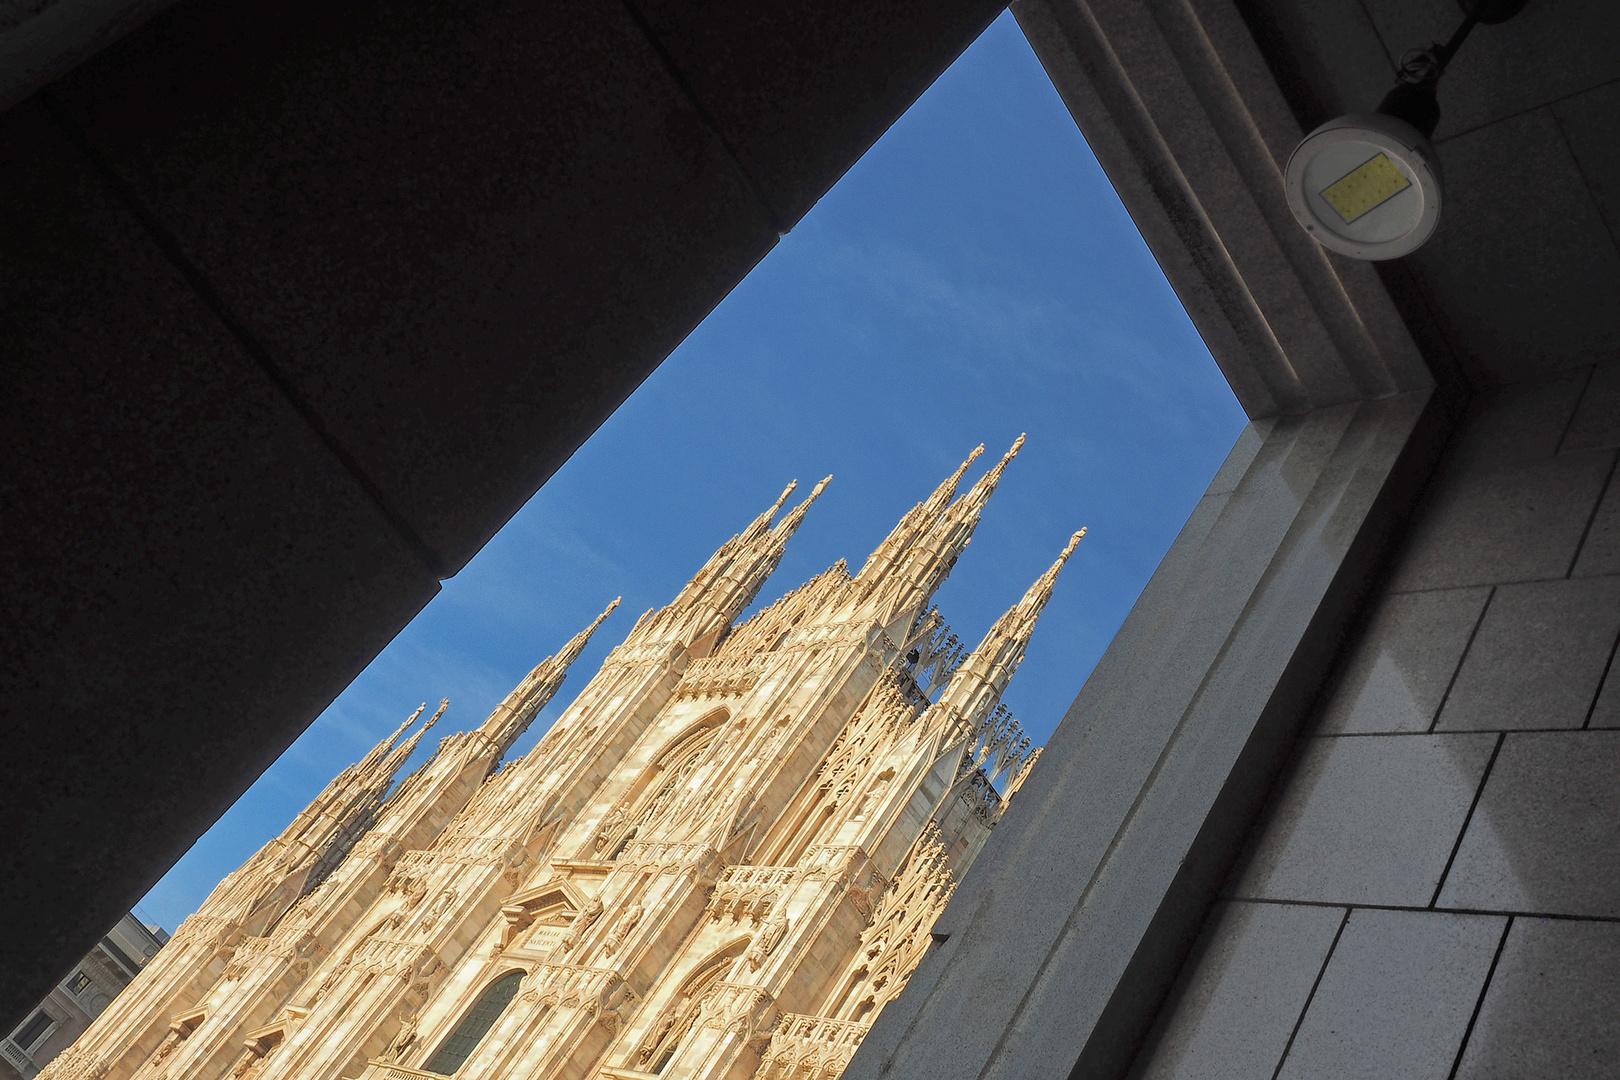 Dom von Milano aus einer speziellen Perspektive aufgenommen.